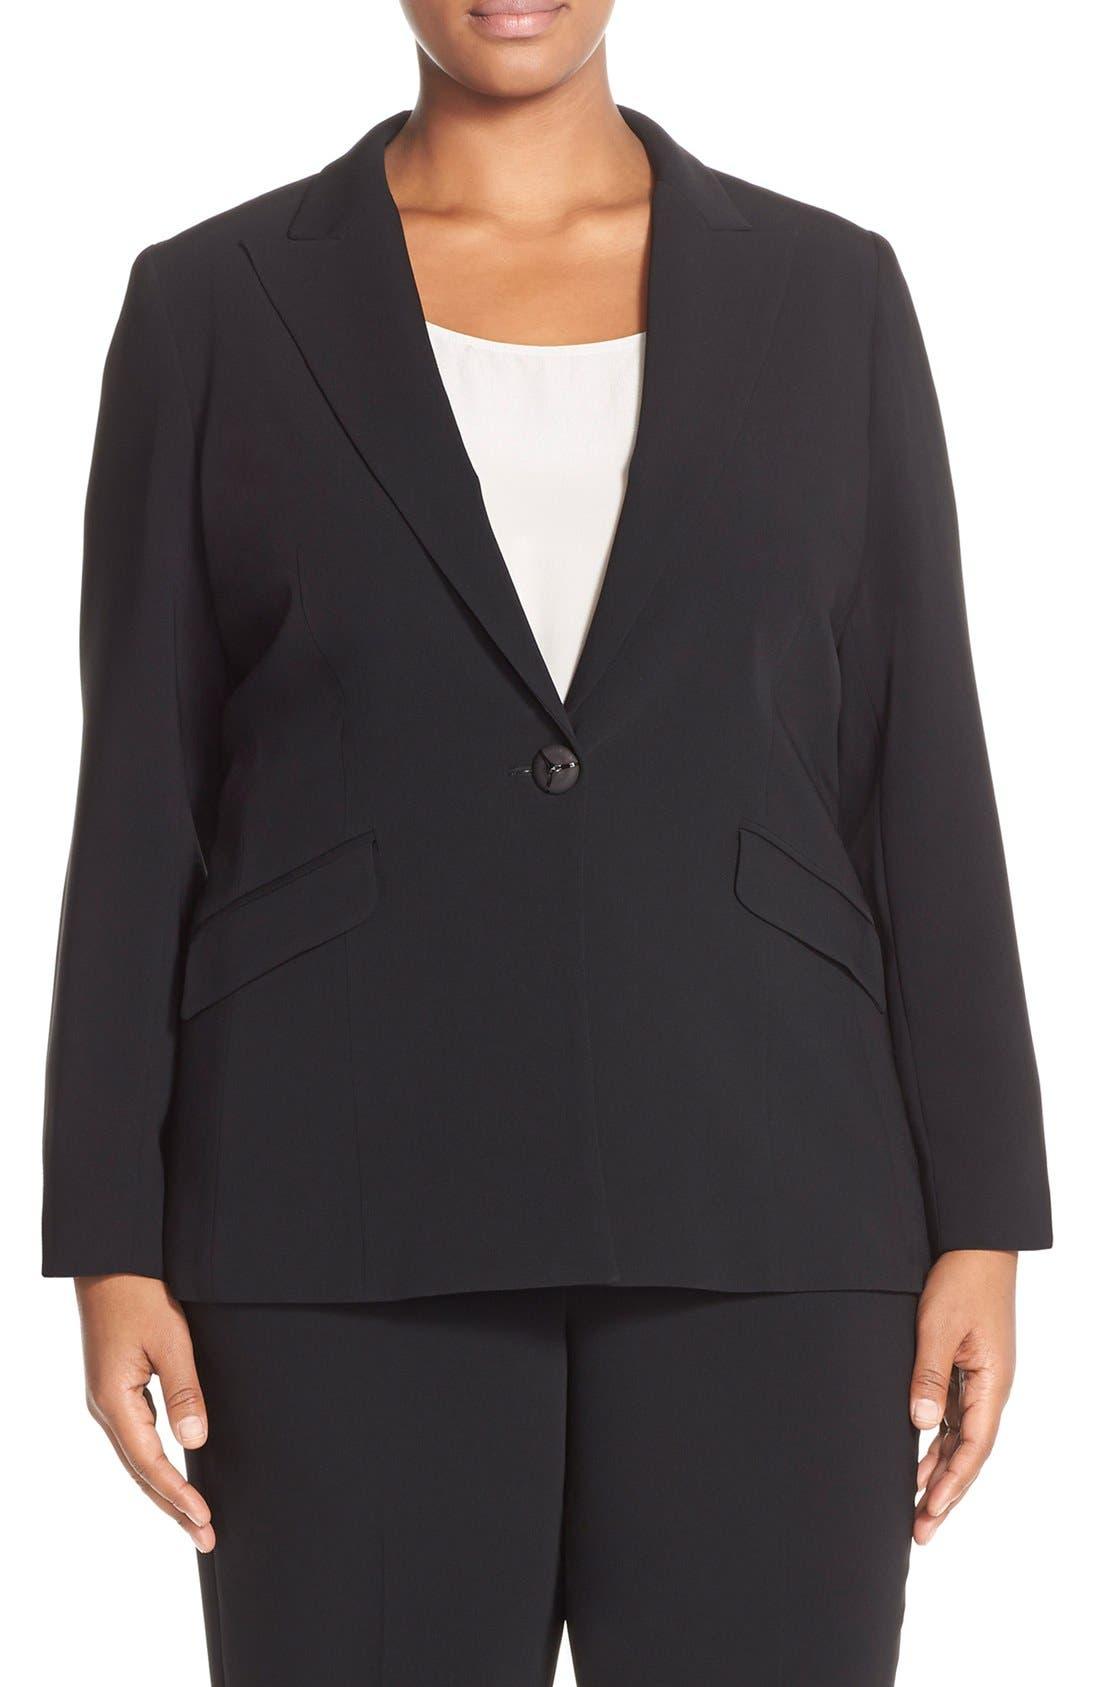 Peak Lapel Suit Jacket,                             Main thumbnail 1, color,                             Black